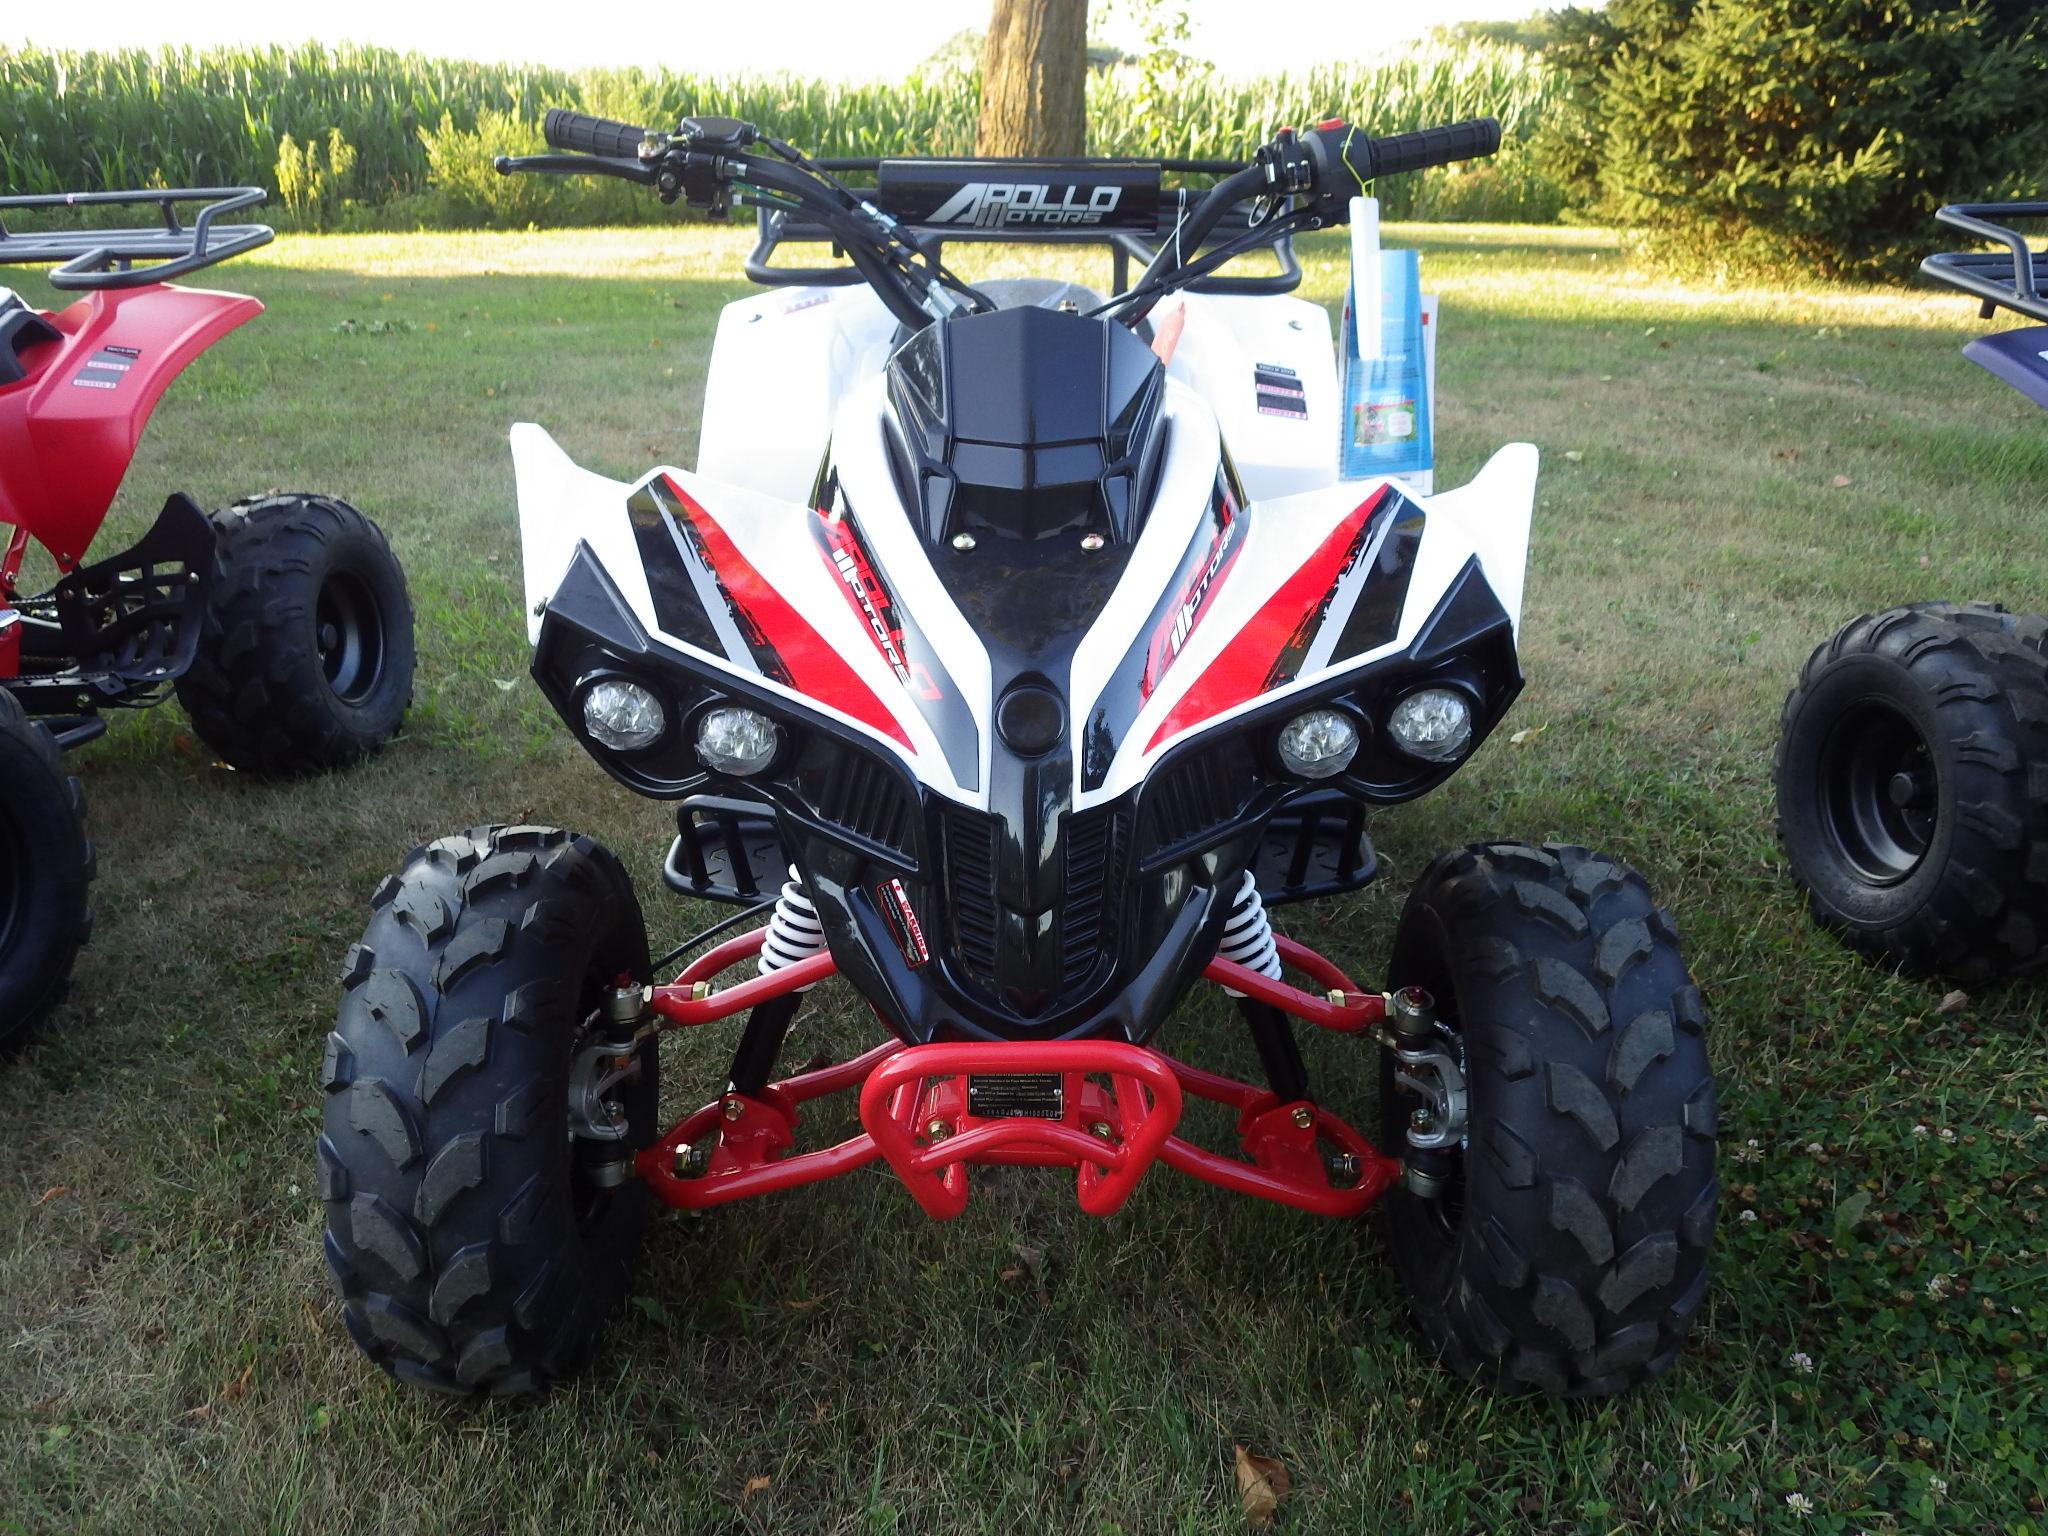 Apolloa Sportrax 125cc front